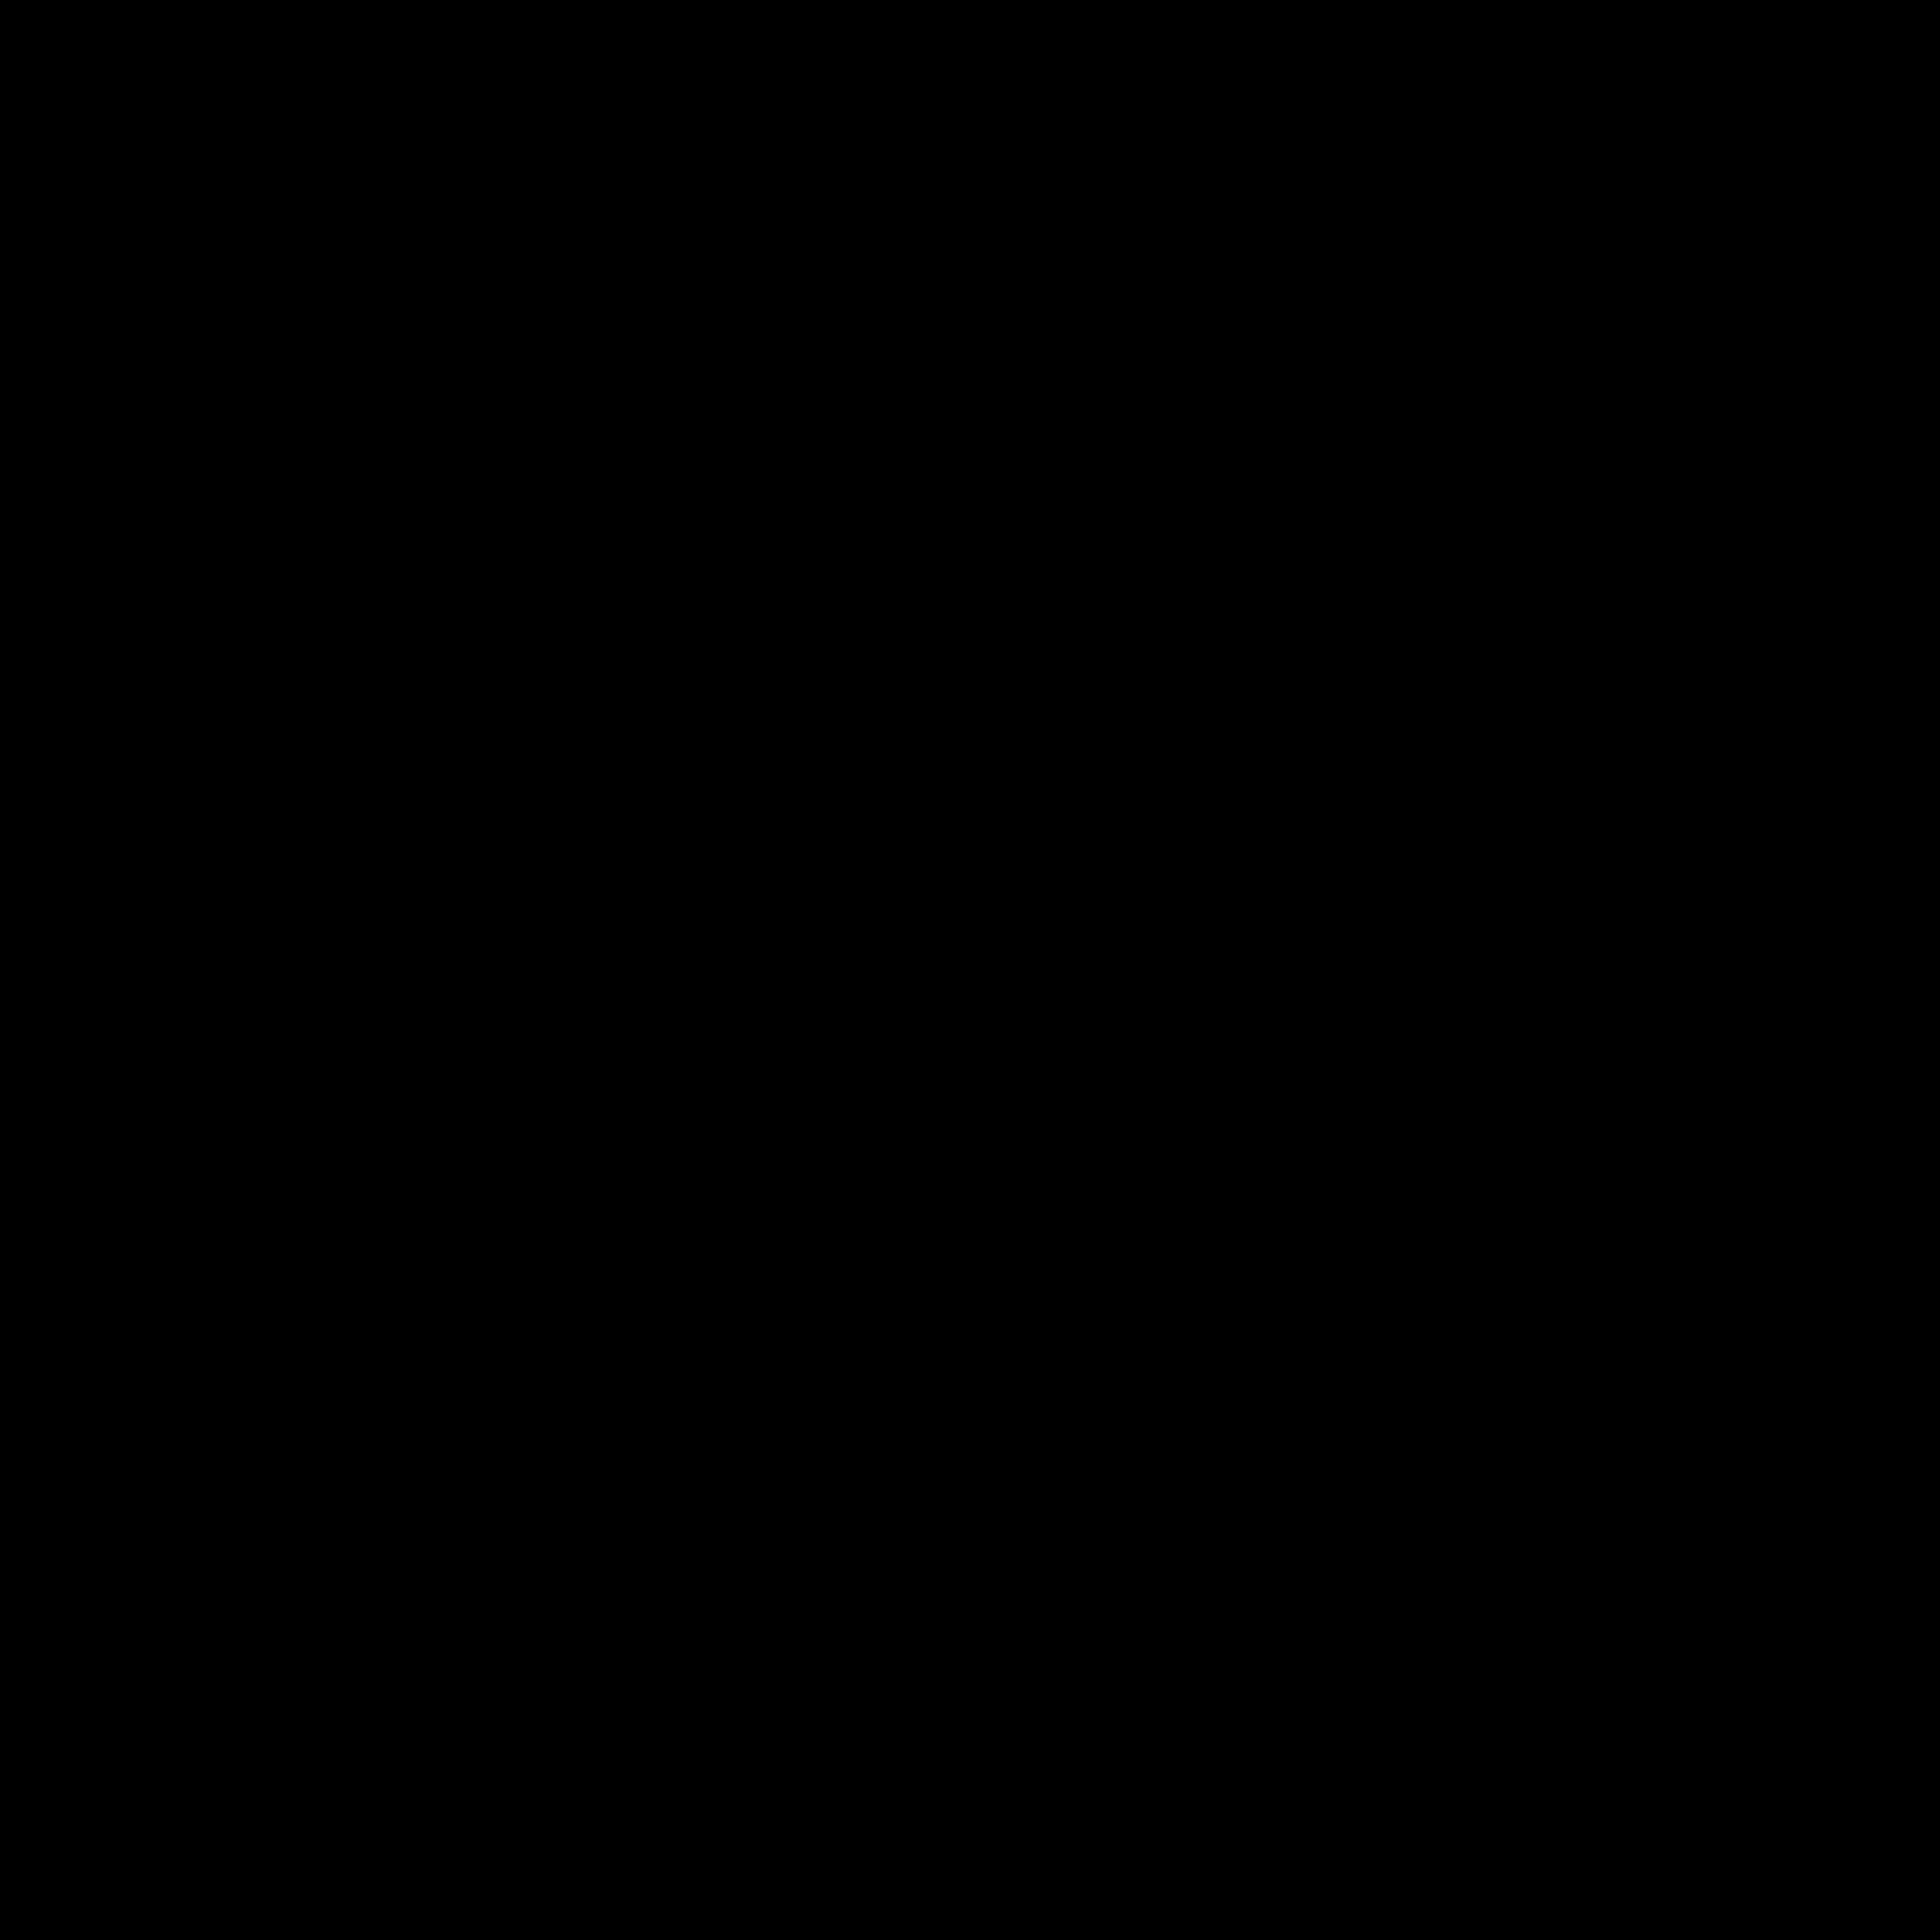 nasa photos earth - photo #15